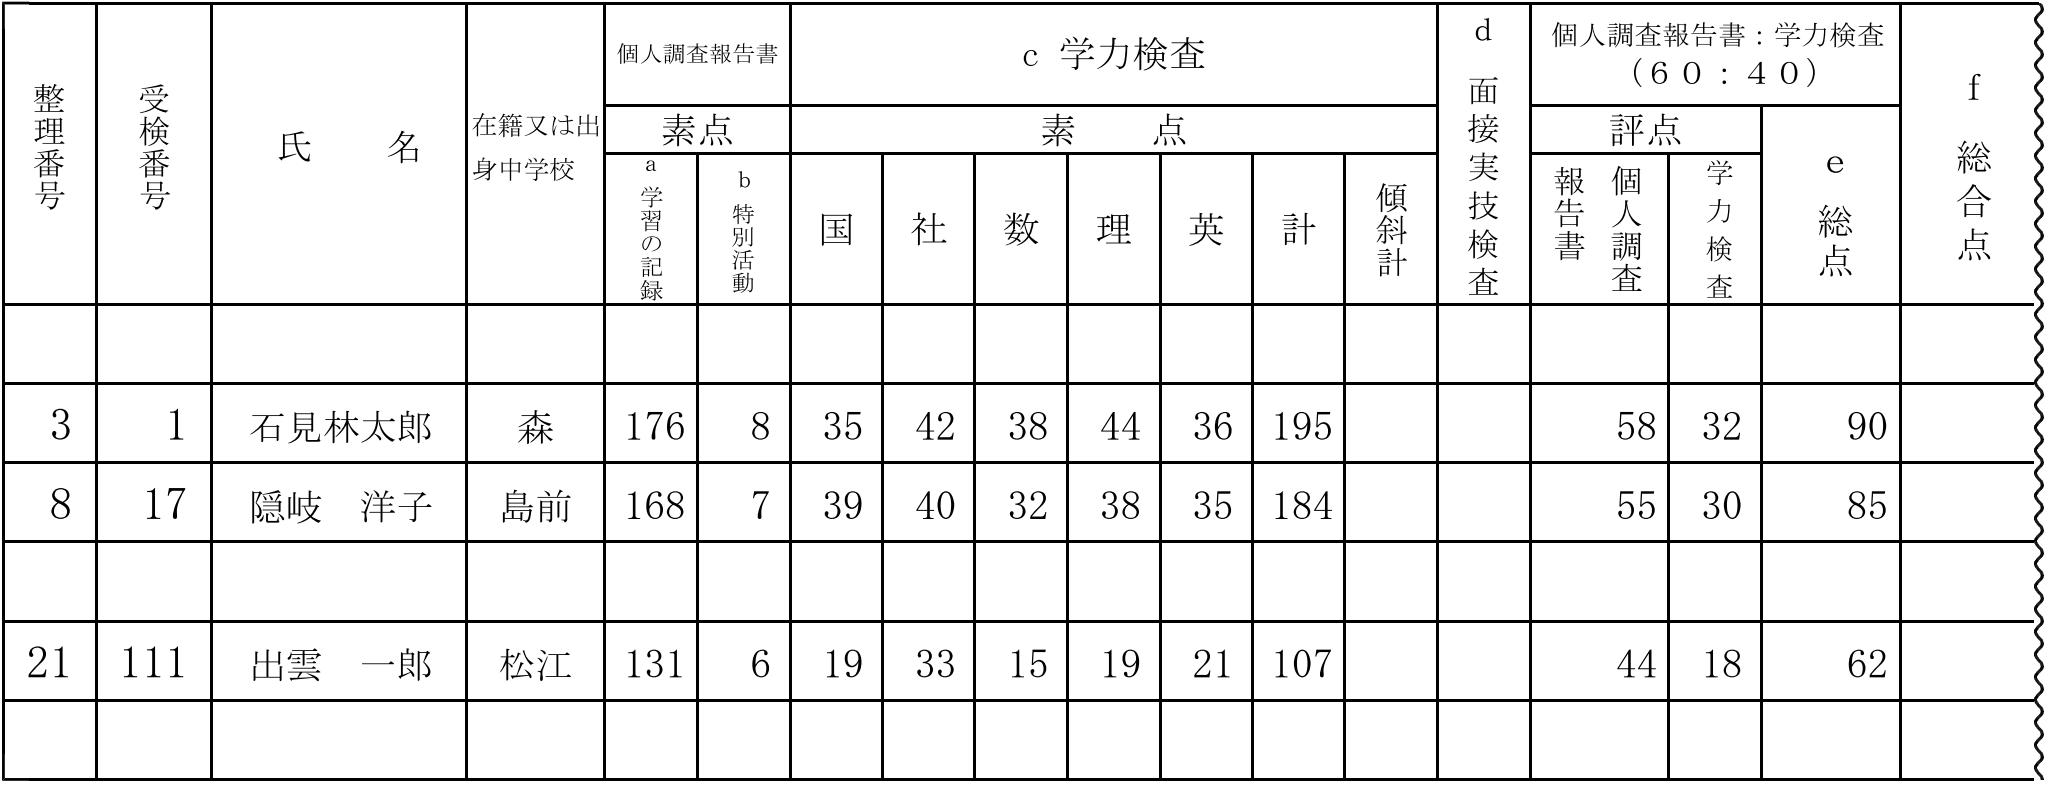 島根県公立高校入試制度2